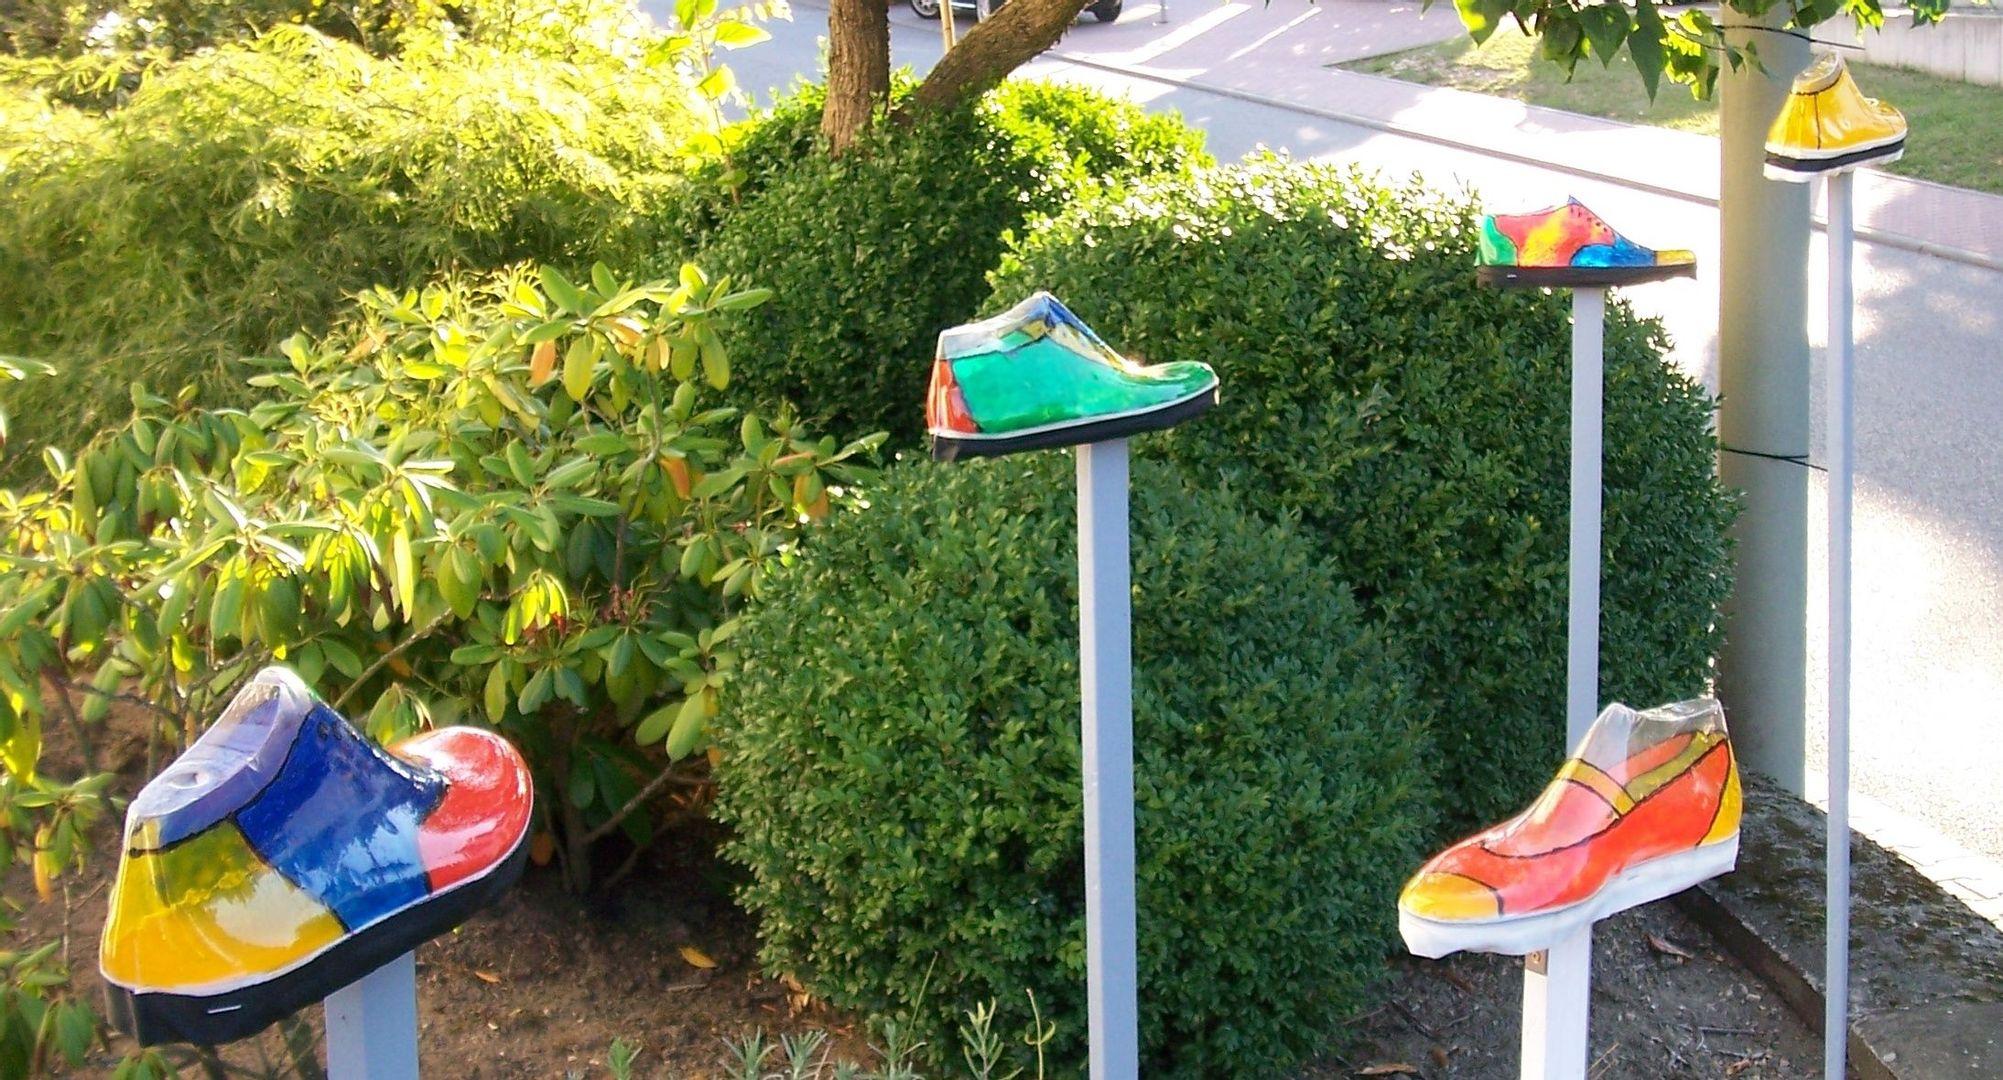 Meine Schuhmacherei | Schuhmacherei Schmid